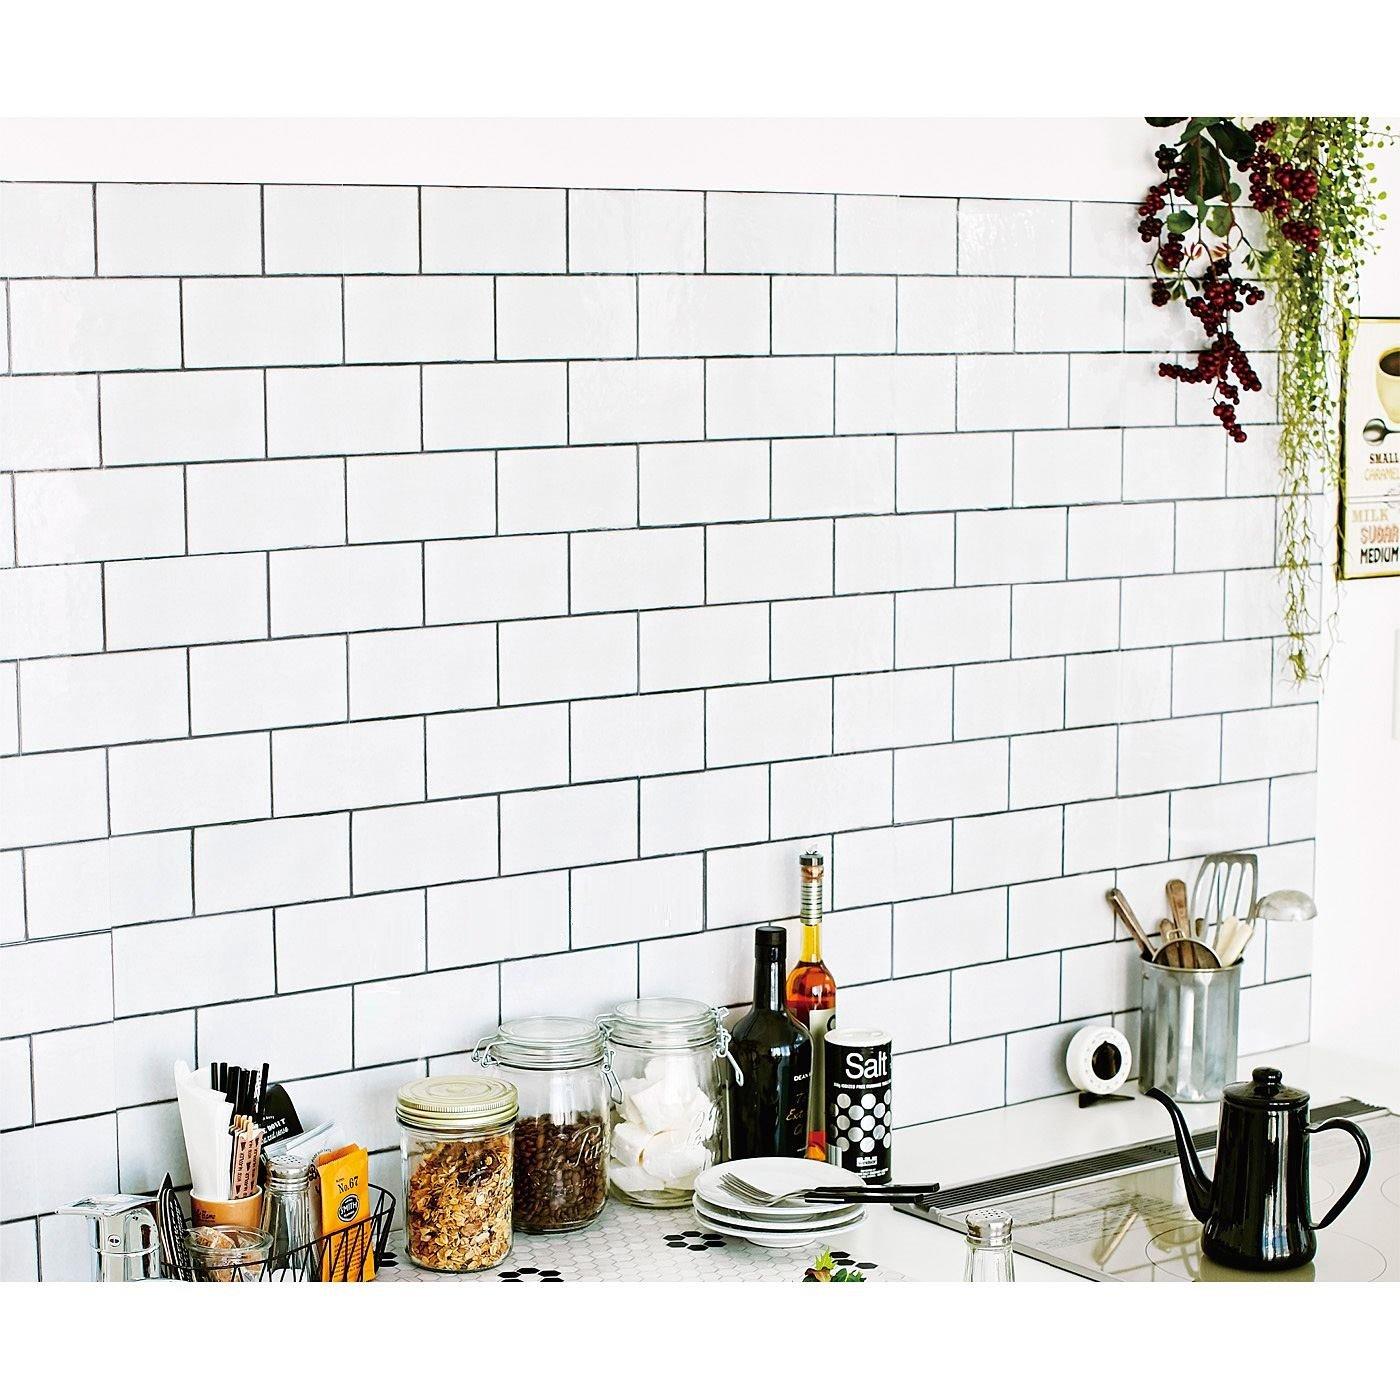 貼ってはがせて汚れがふき取りやすい 30cm角の壁紙シール〈サブウェイタイル柄〉の会